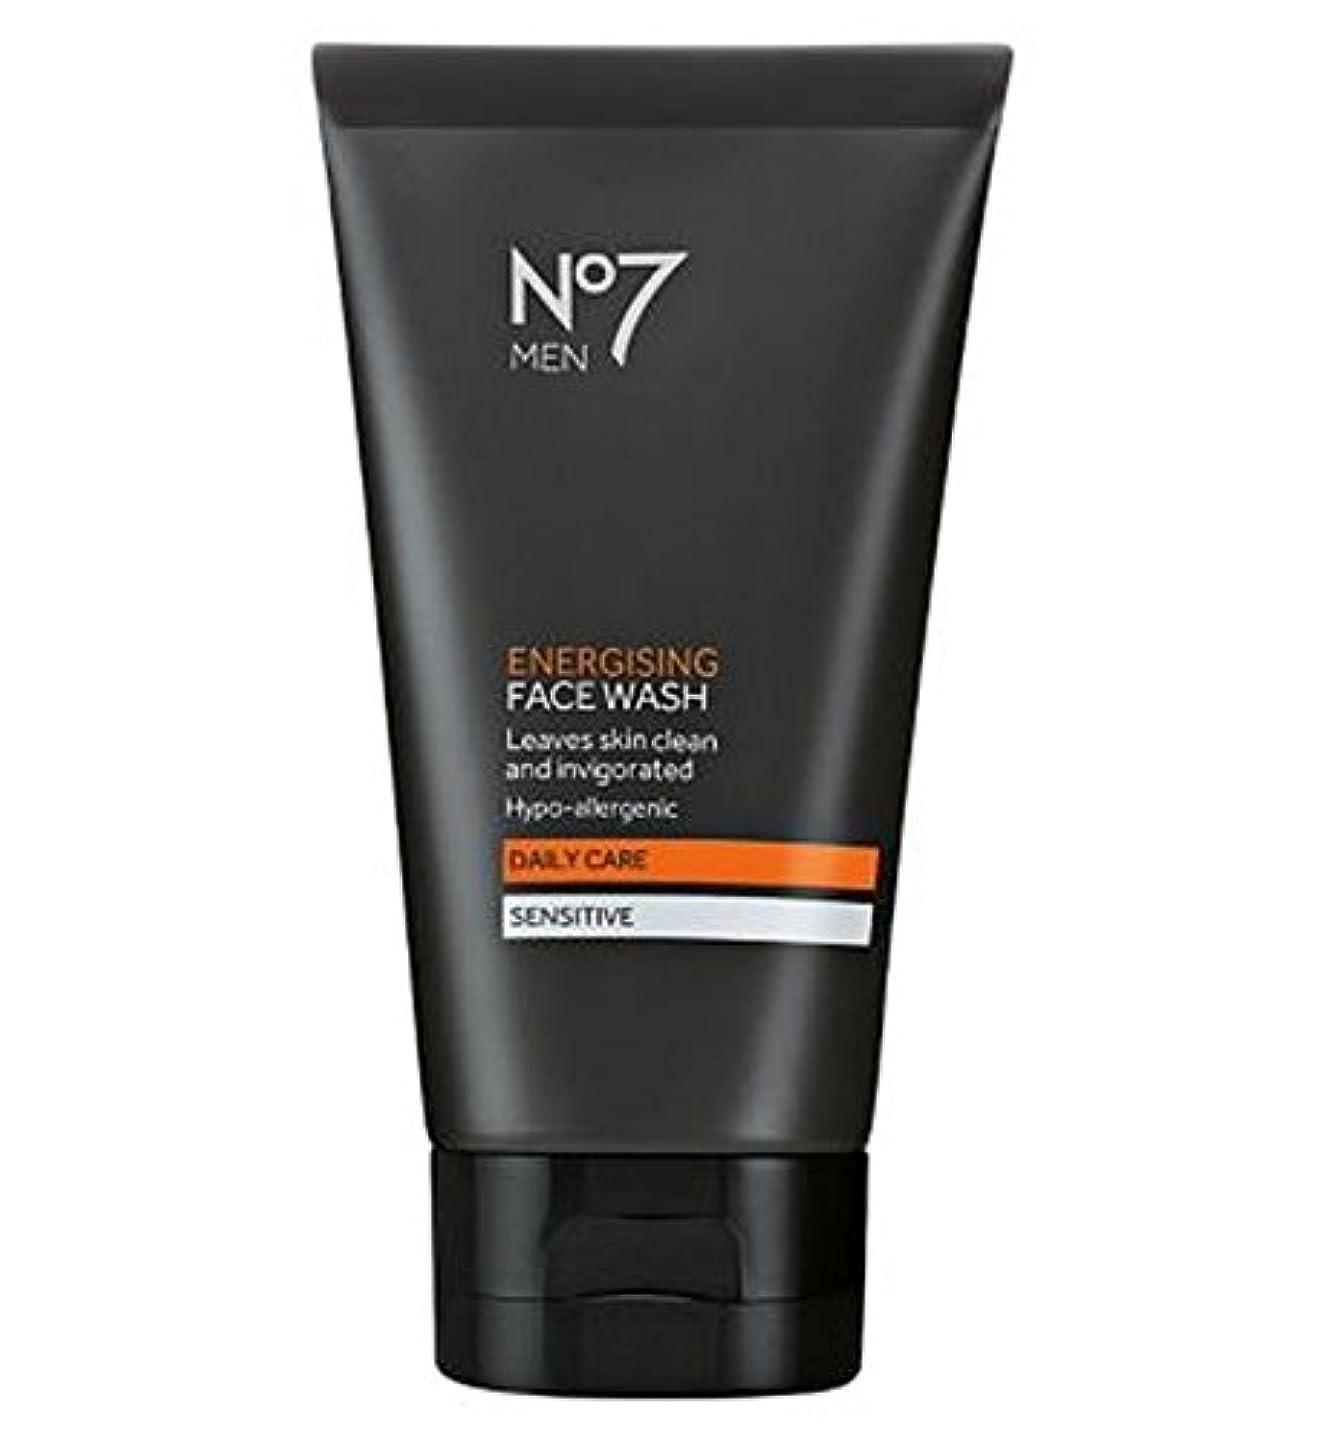 乱れスポークスマン空港洗顔料の150ミリリットルを通電No7の男性 (No7) (x2) - No7 Men Energising Face Wash 150ml (Pack of 2) [並行輸入品]